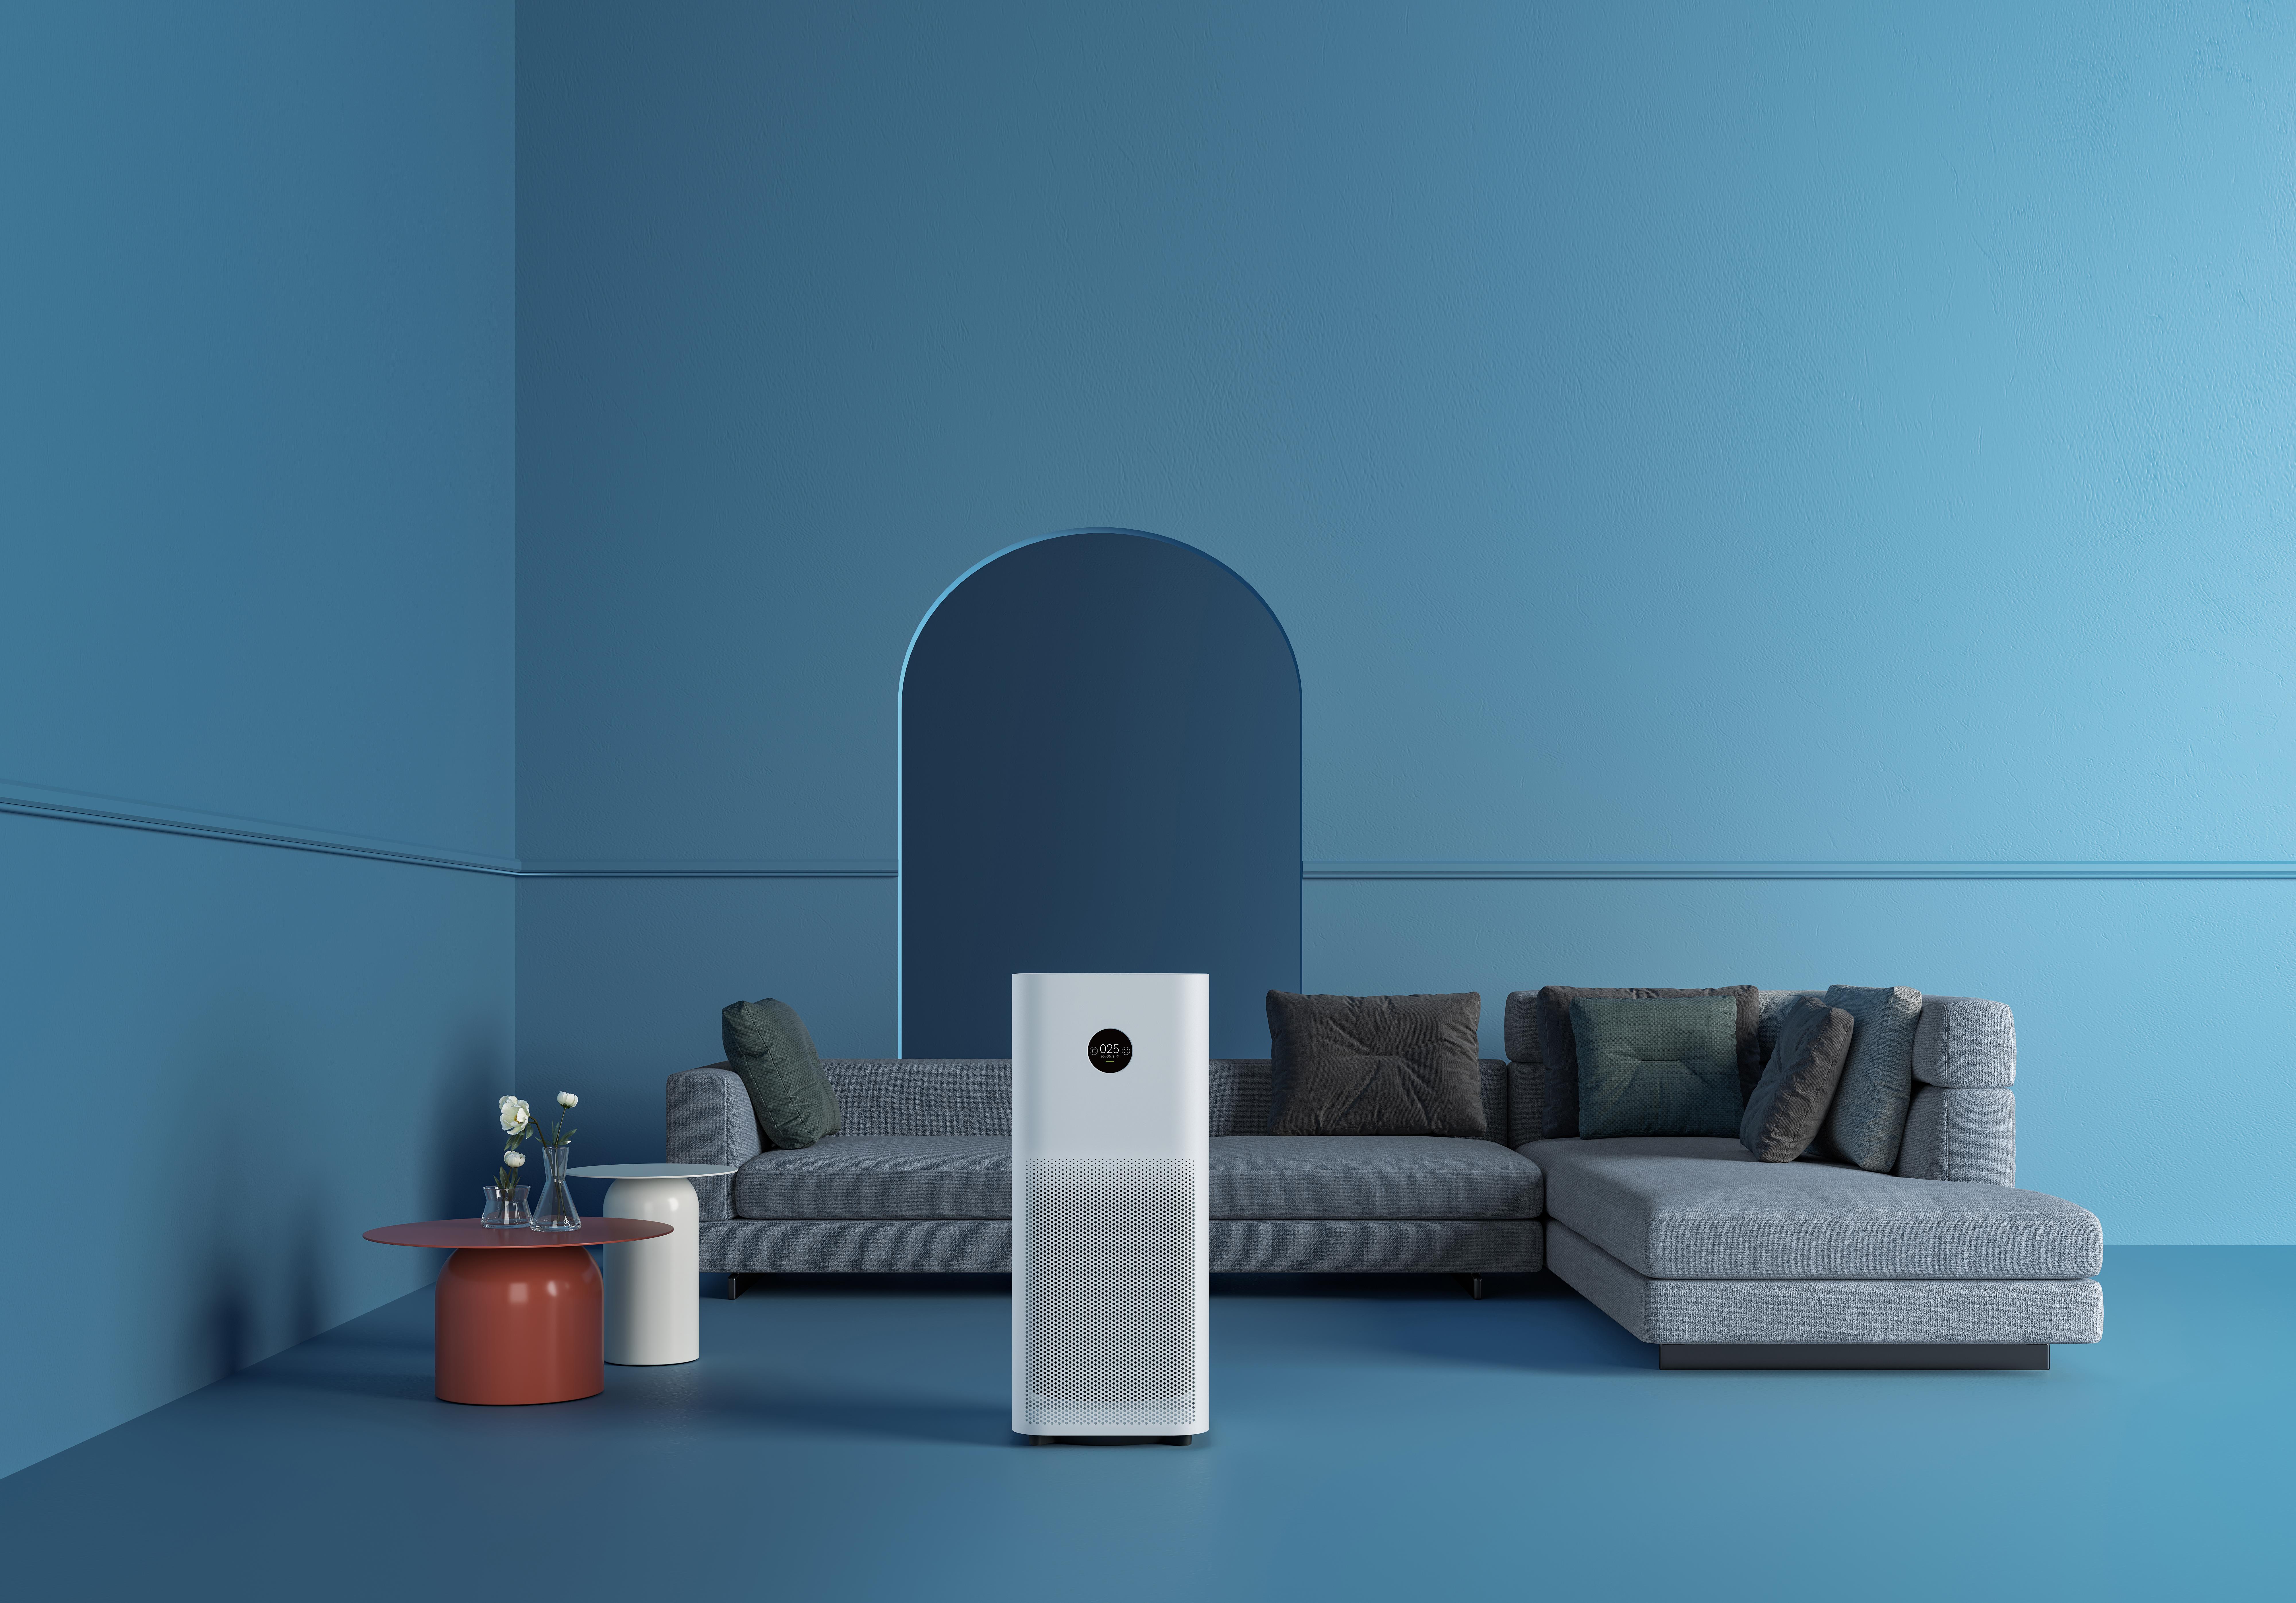 Garść nowości od Xiaomi trafia do Polski, w tym oczyszczacz powietrza Mi Air Purifier Pro H